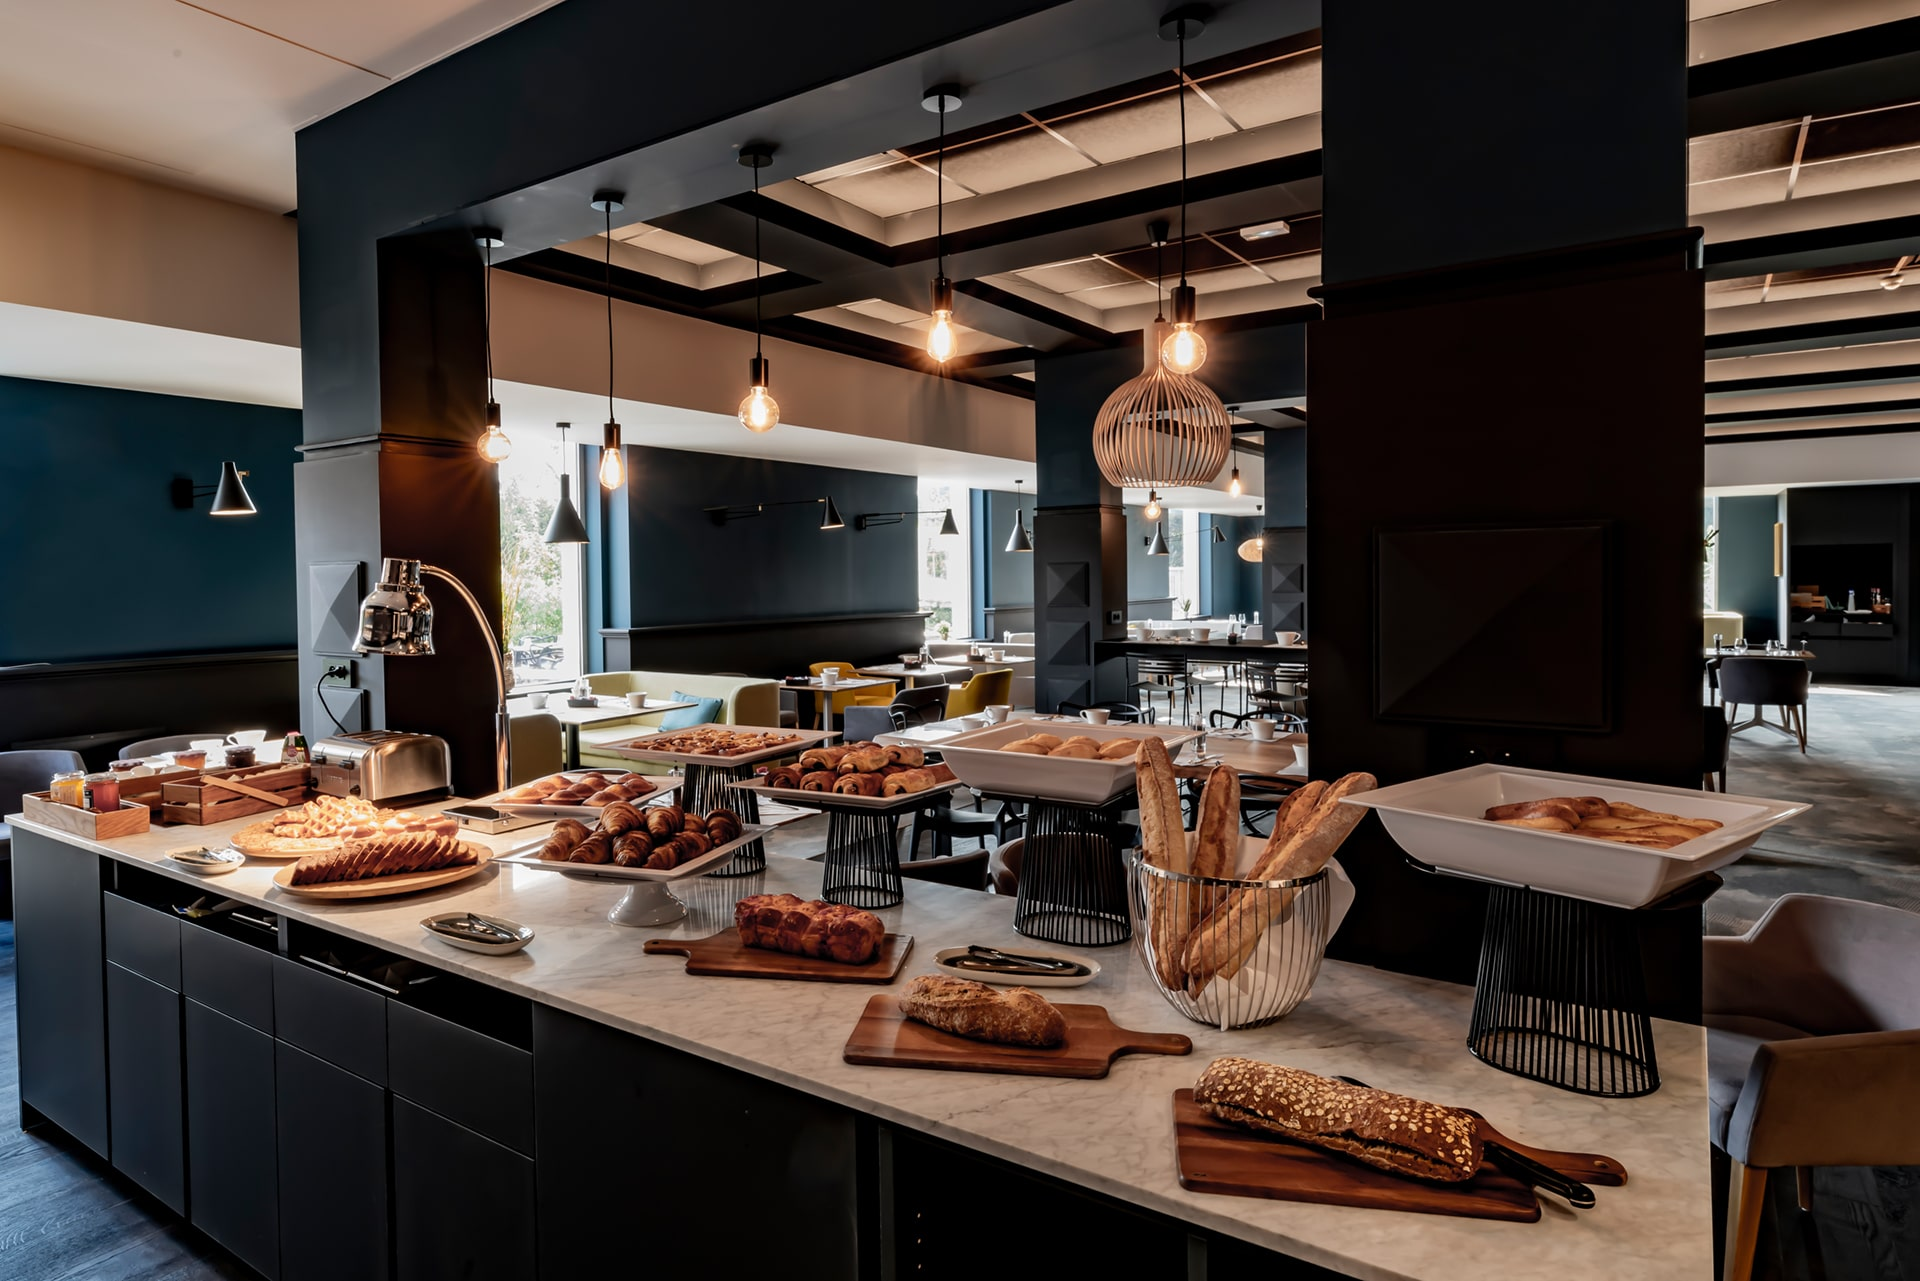 Architecte à Lille - renovation hotel buffet petit dejeuner VR-architecture 8